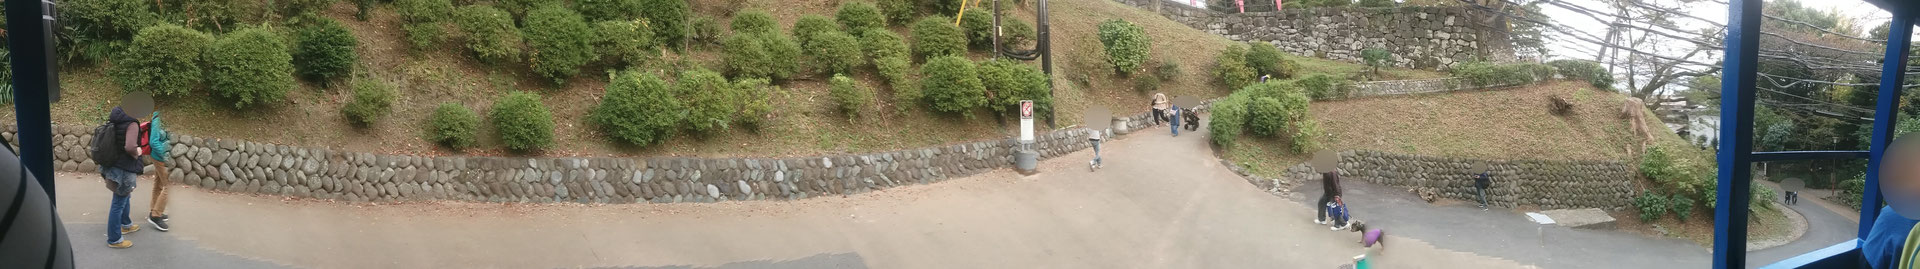 5 At Odawara castle